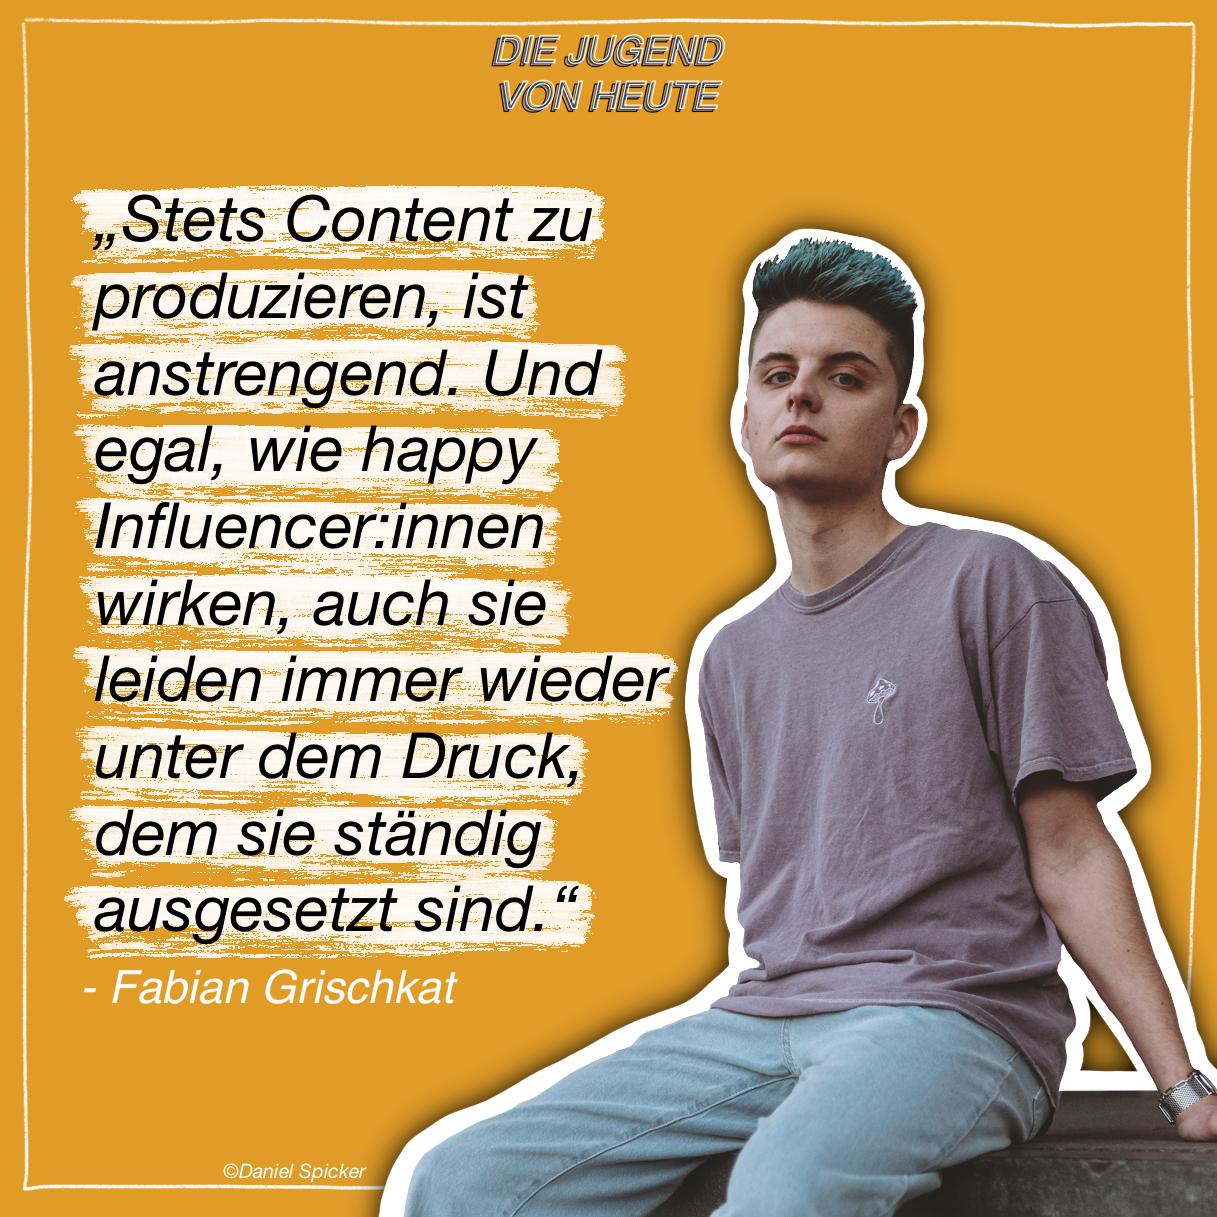 Fabian Grischkat